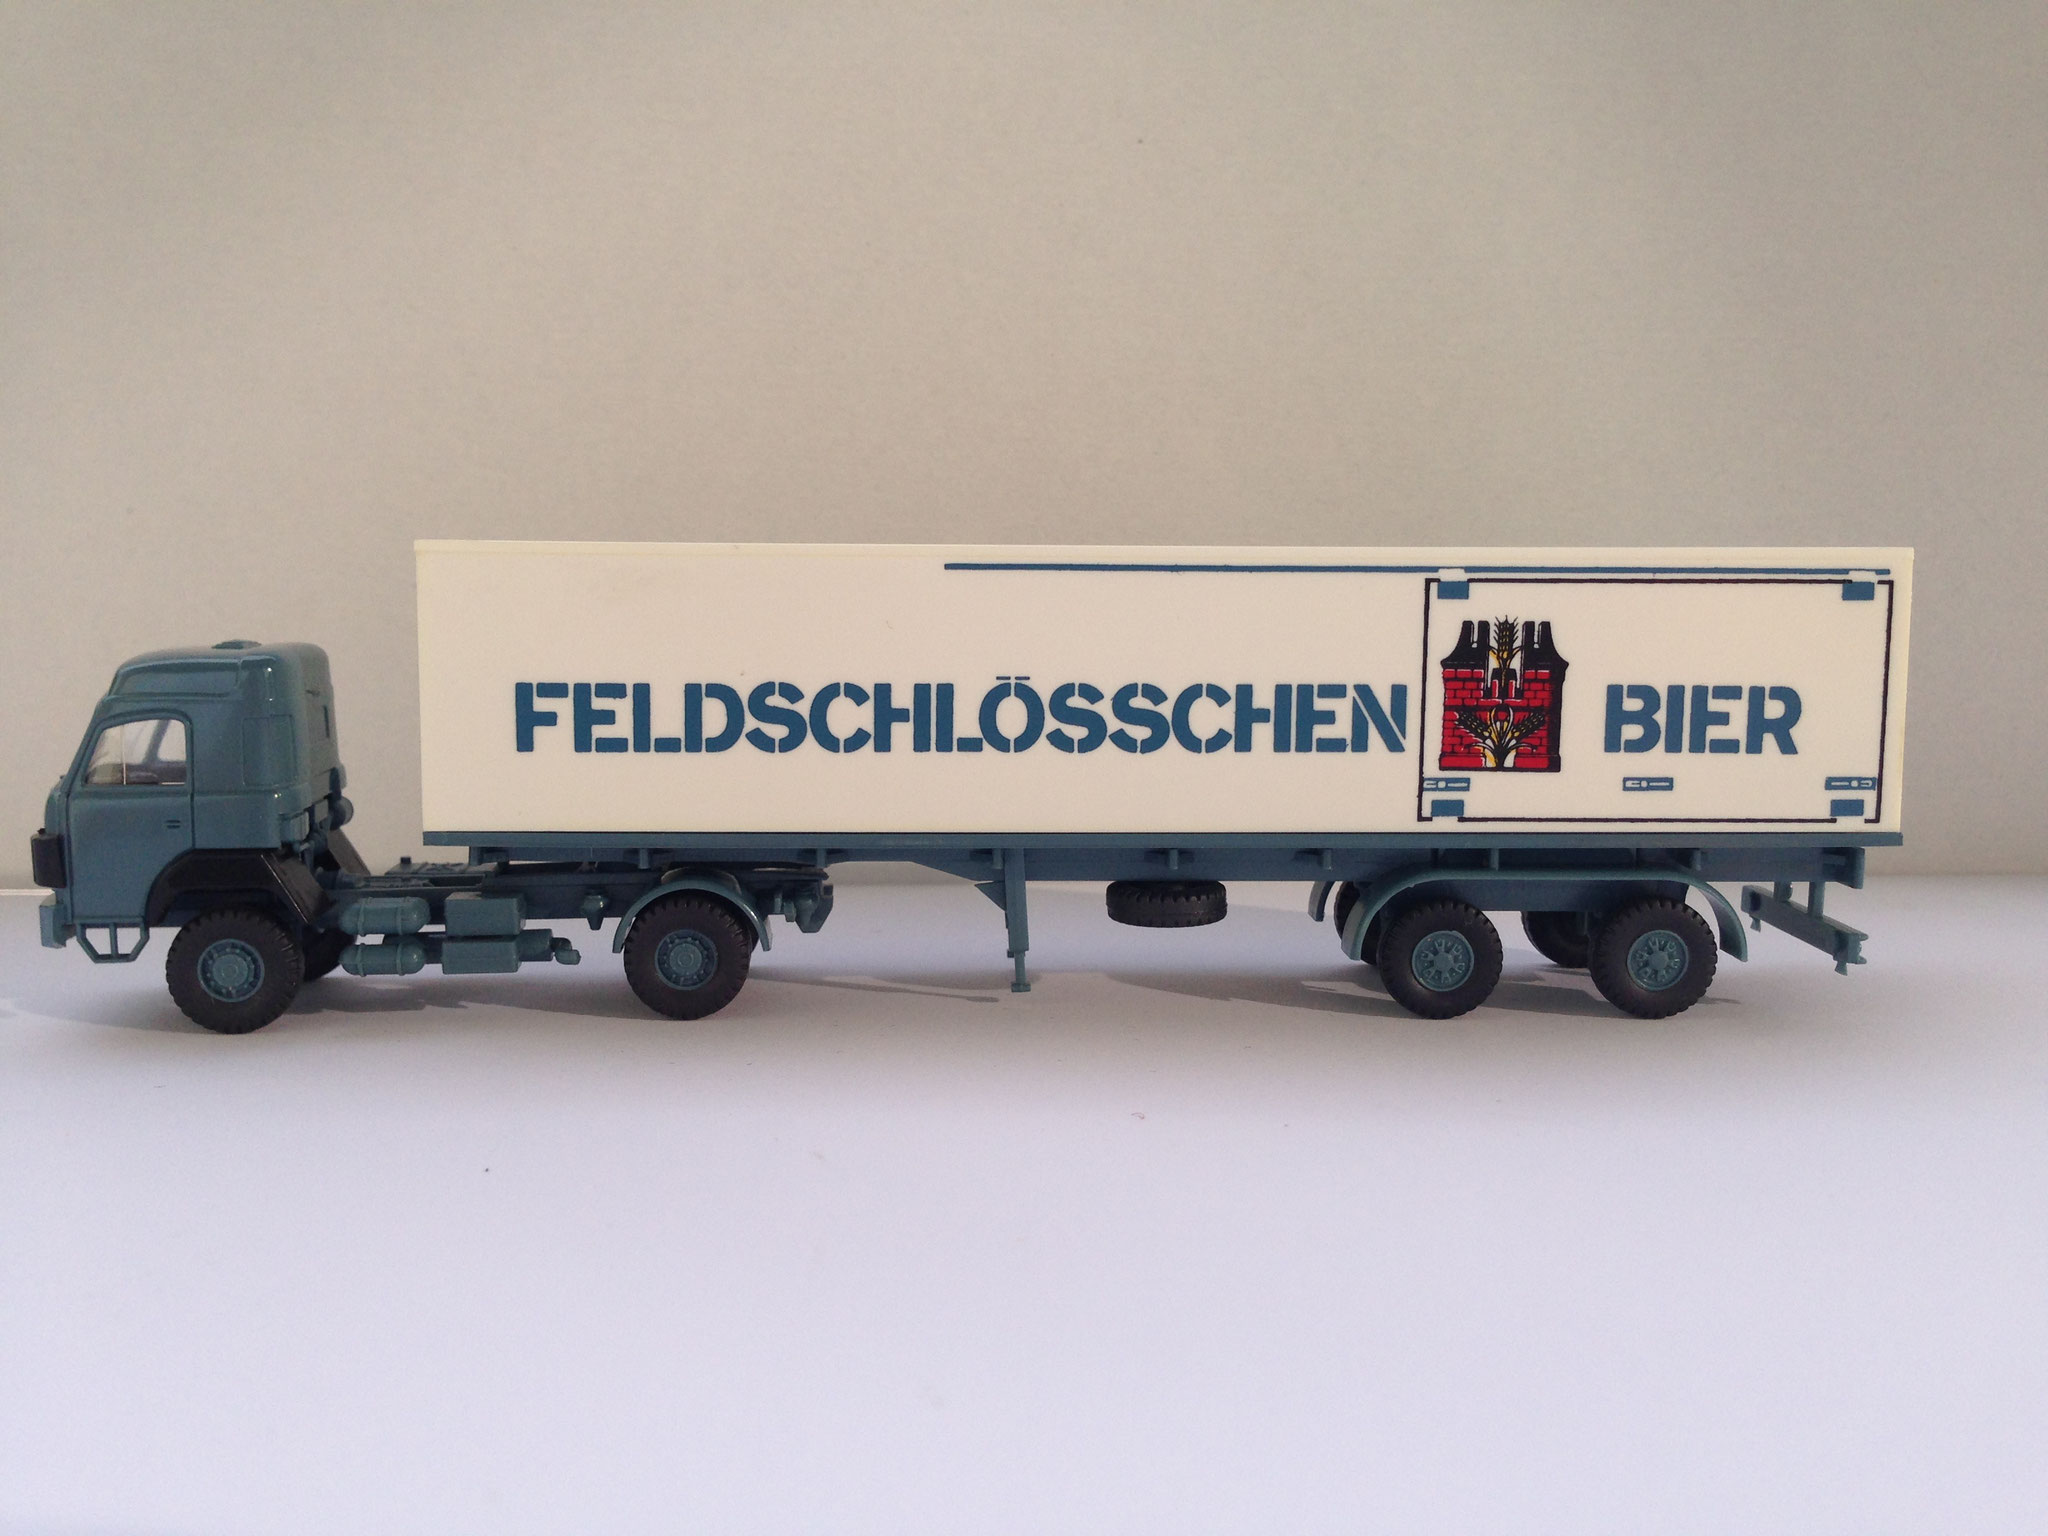 Feldschlösschen Bier, Sattelzug mit 2-Achs-Auflieger, Art. Nr. 516 (ab 1985 im Programm)